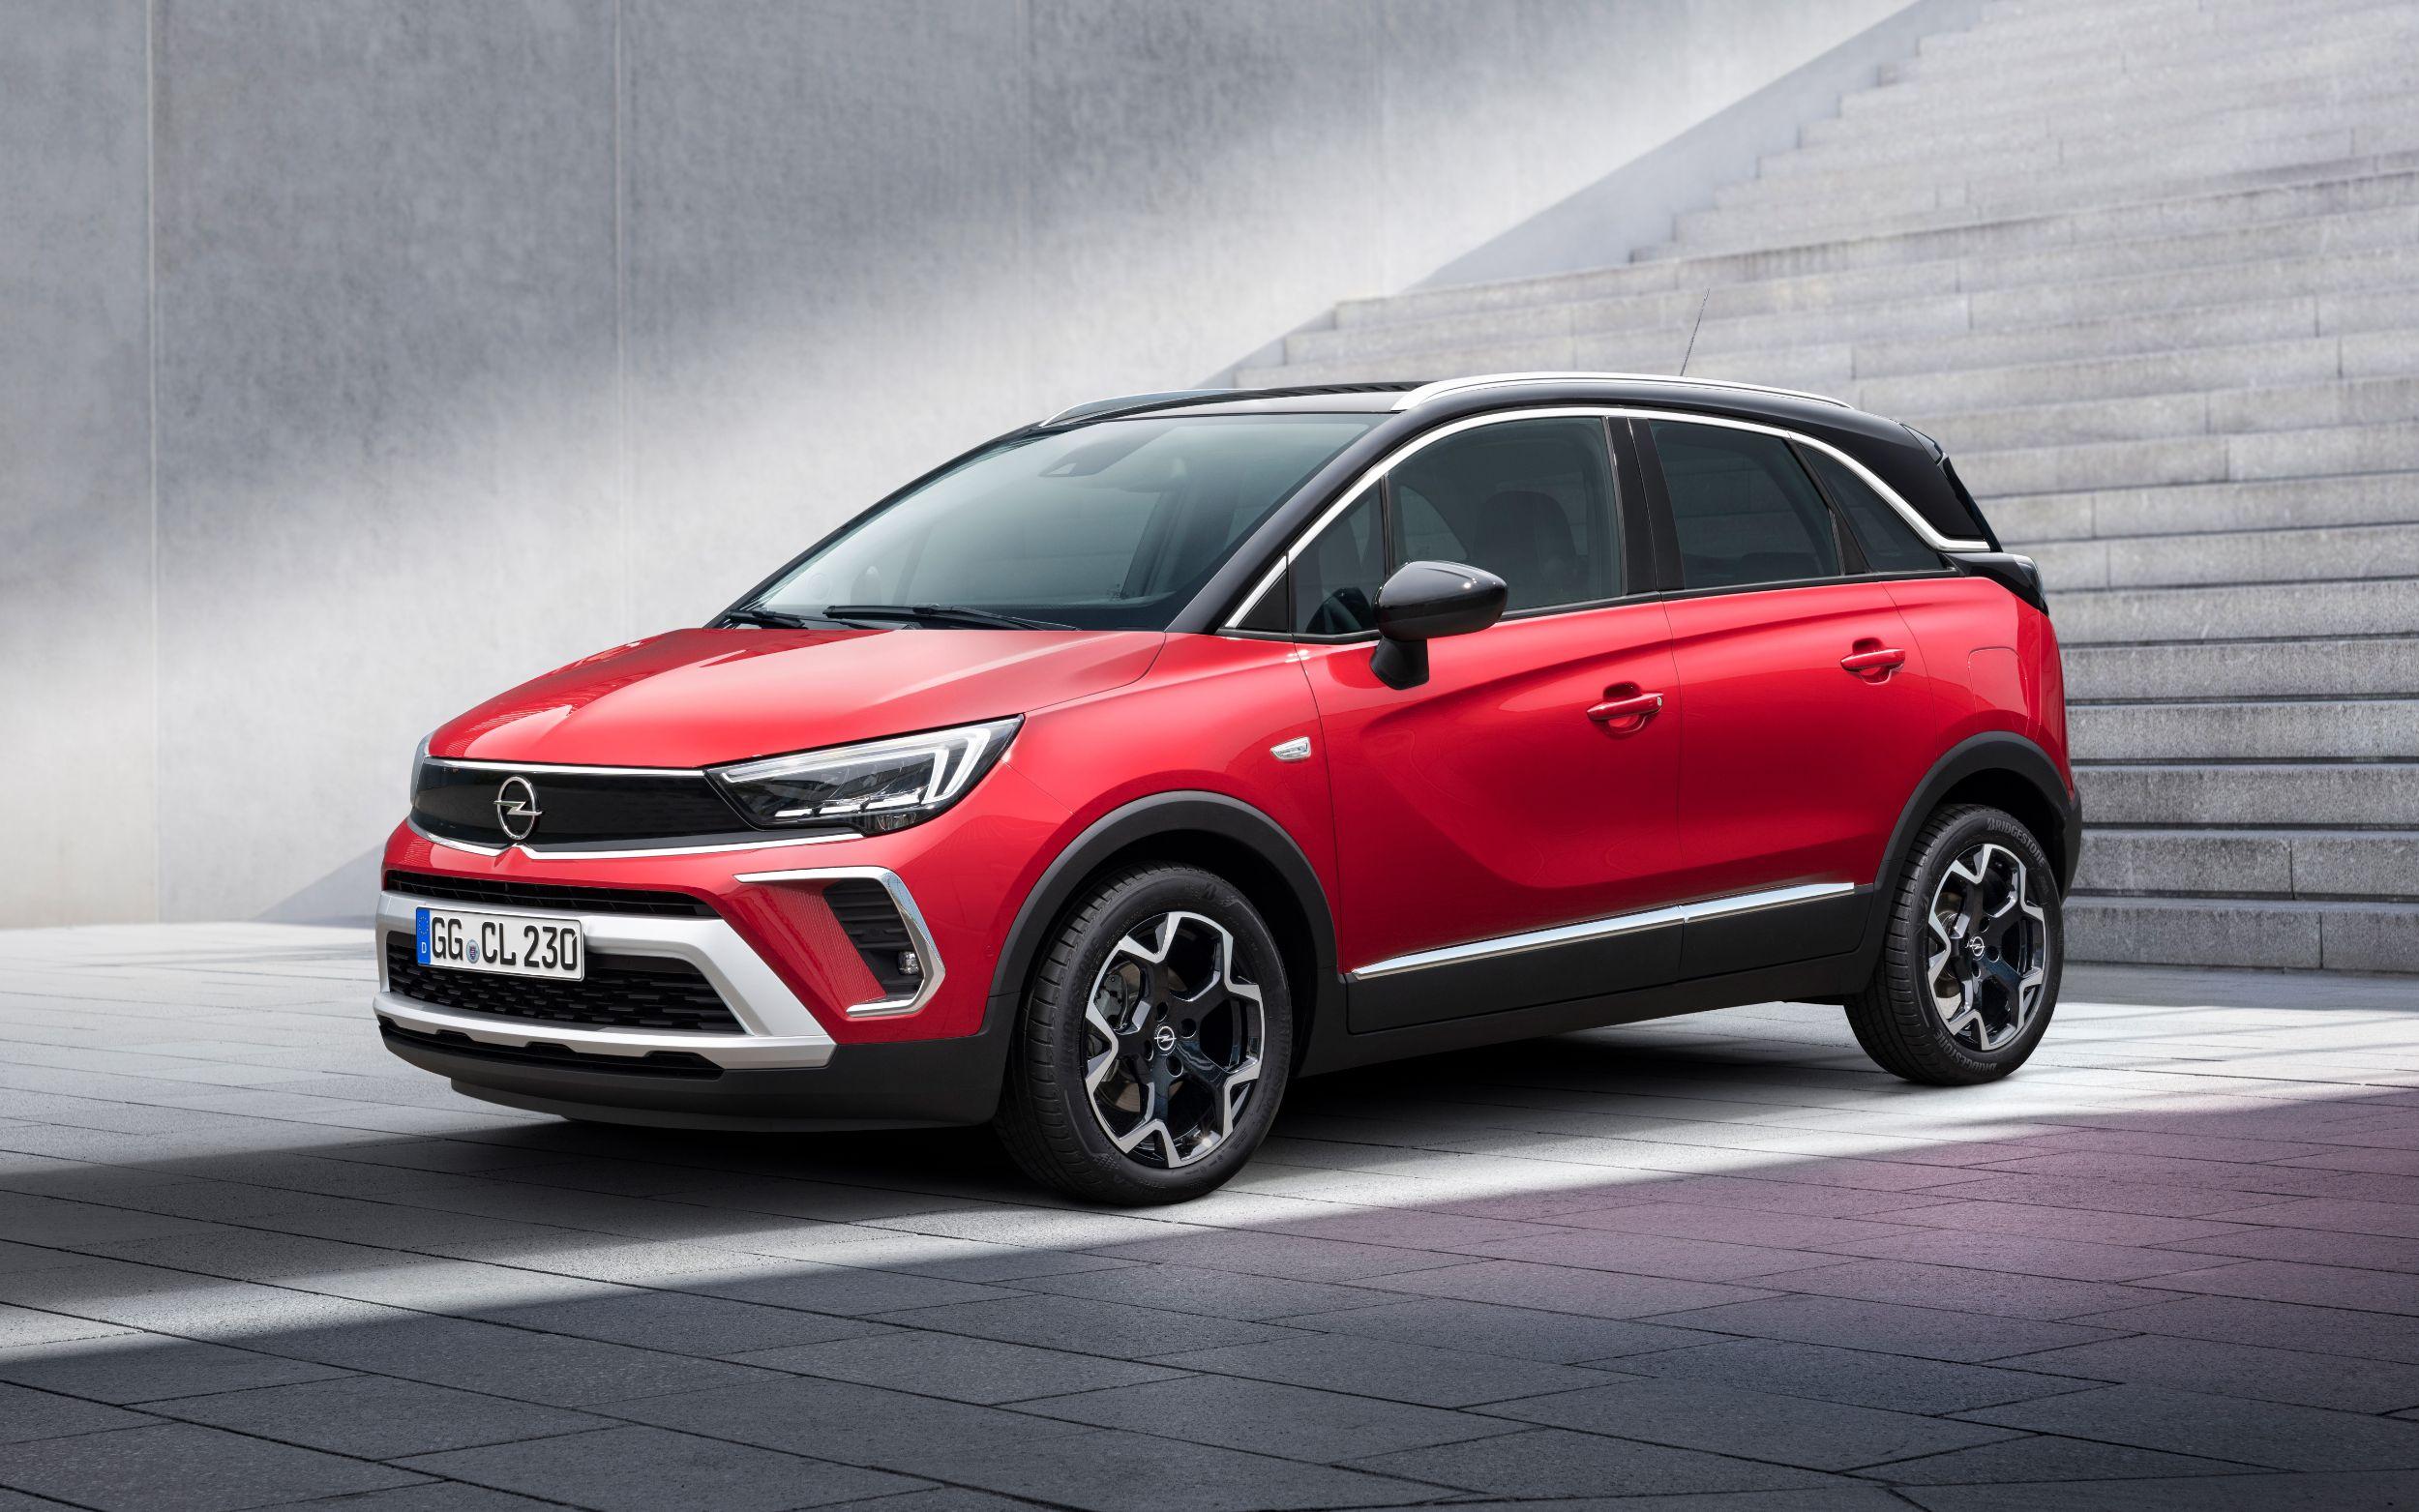 Οι τιμές του ανανεωμένου Opel Crossland